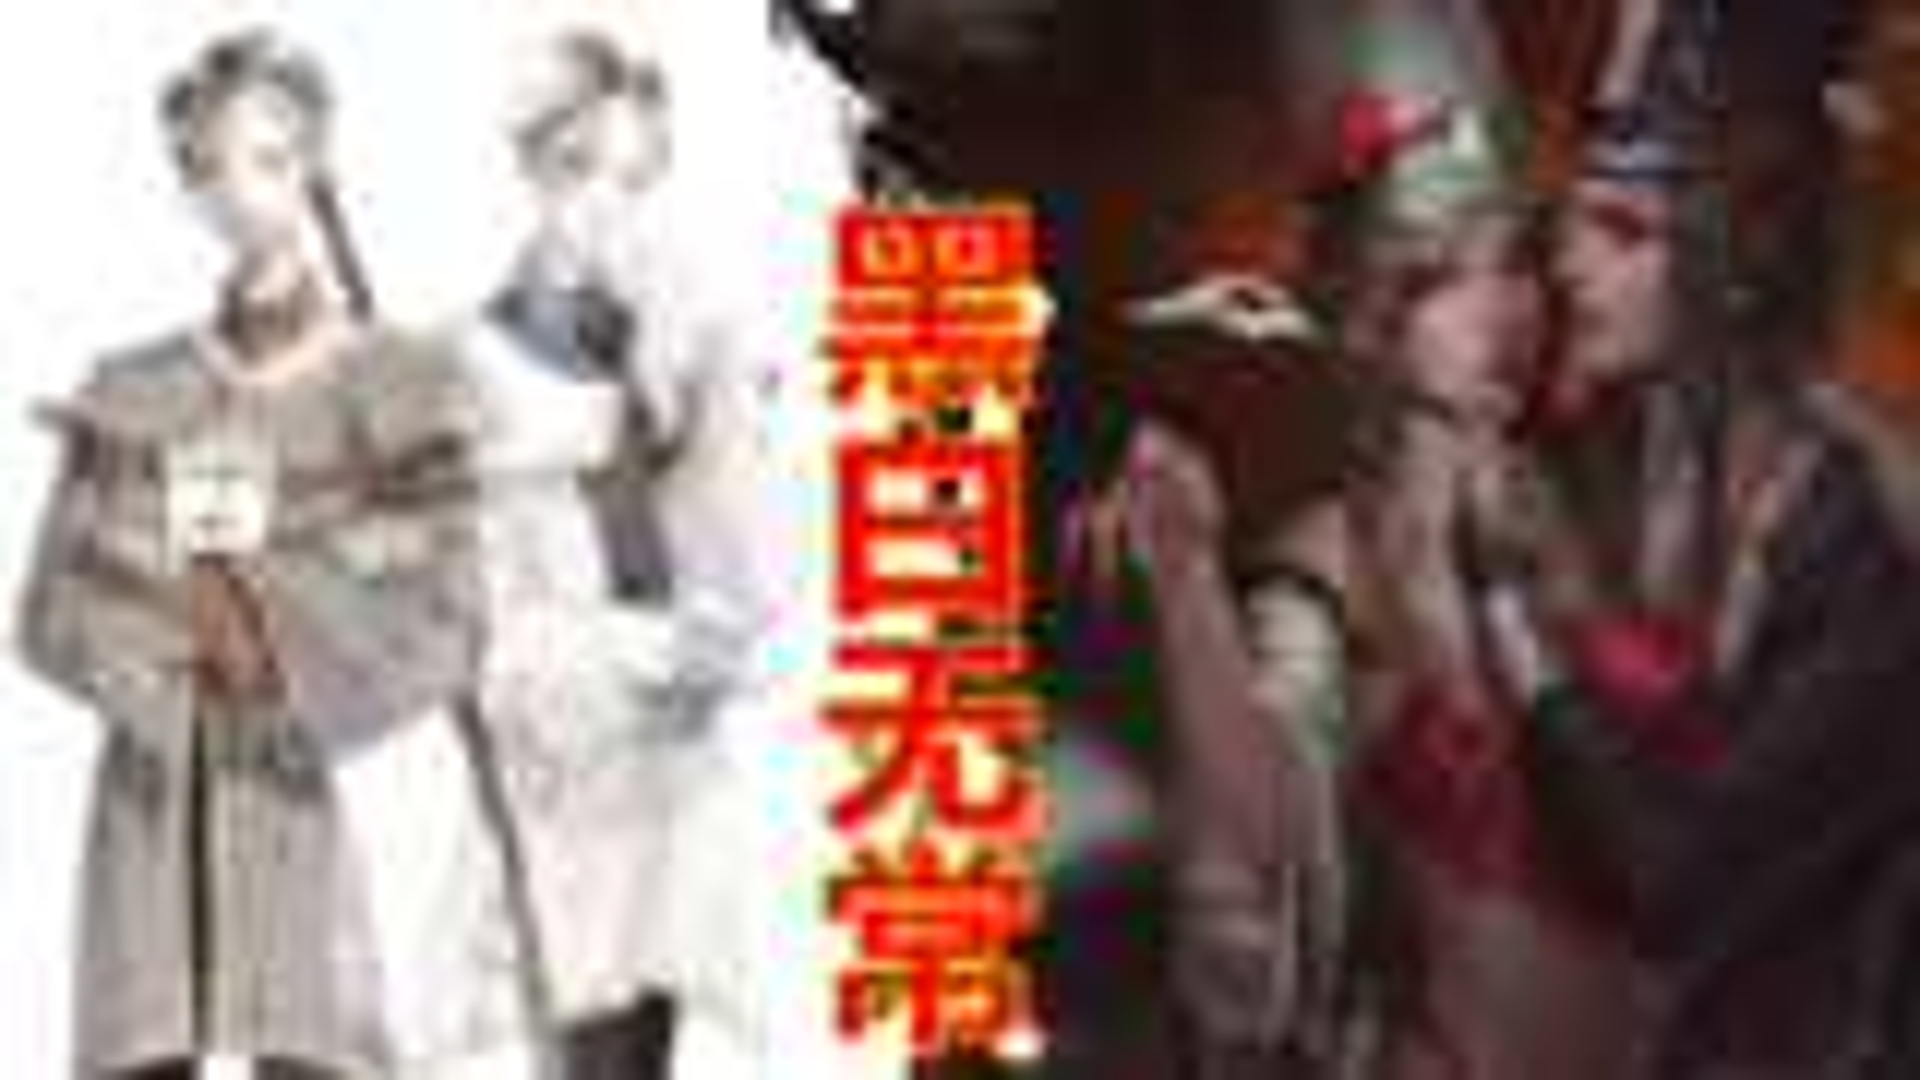 【中国神话-冥界篇 第七期】黑白无常,谢必安在救助苦命女,范无救勾魂惩恶人。